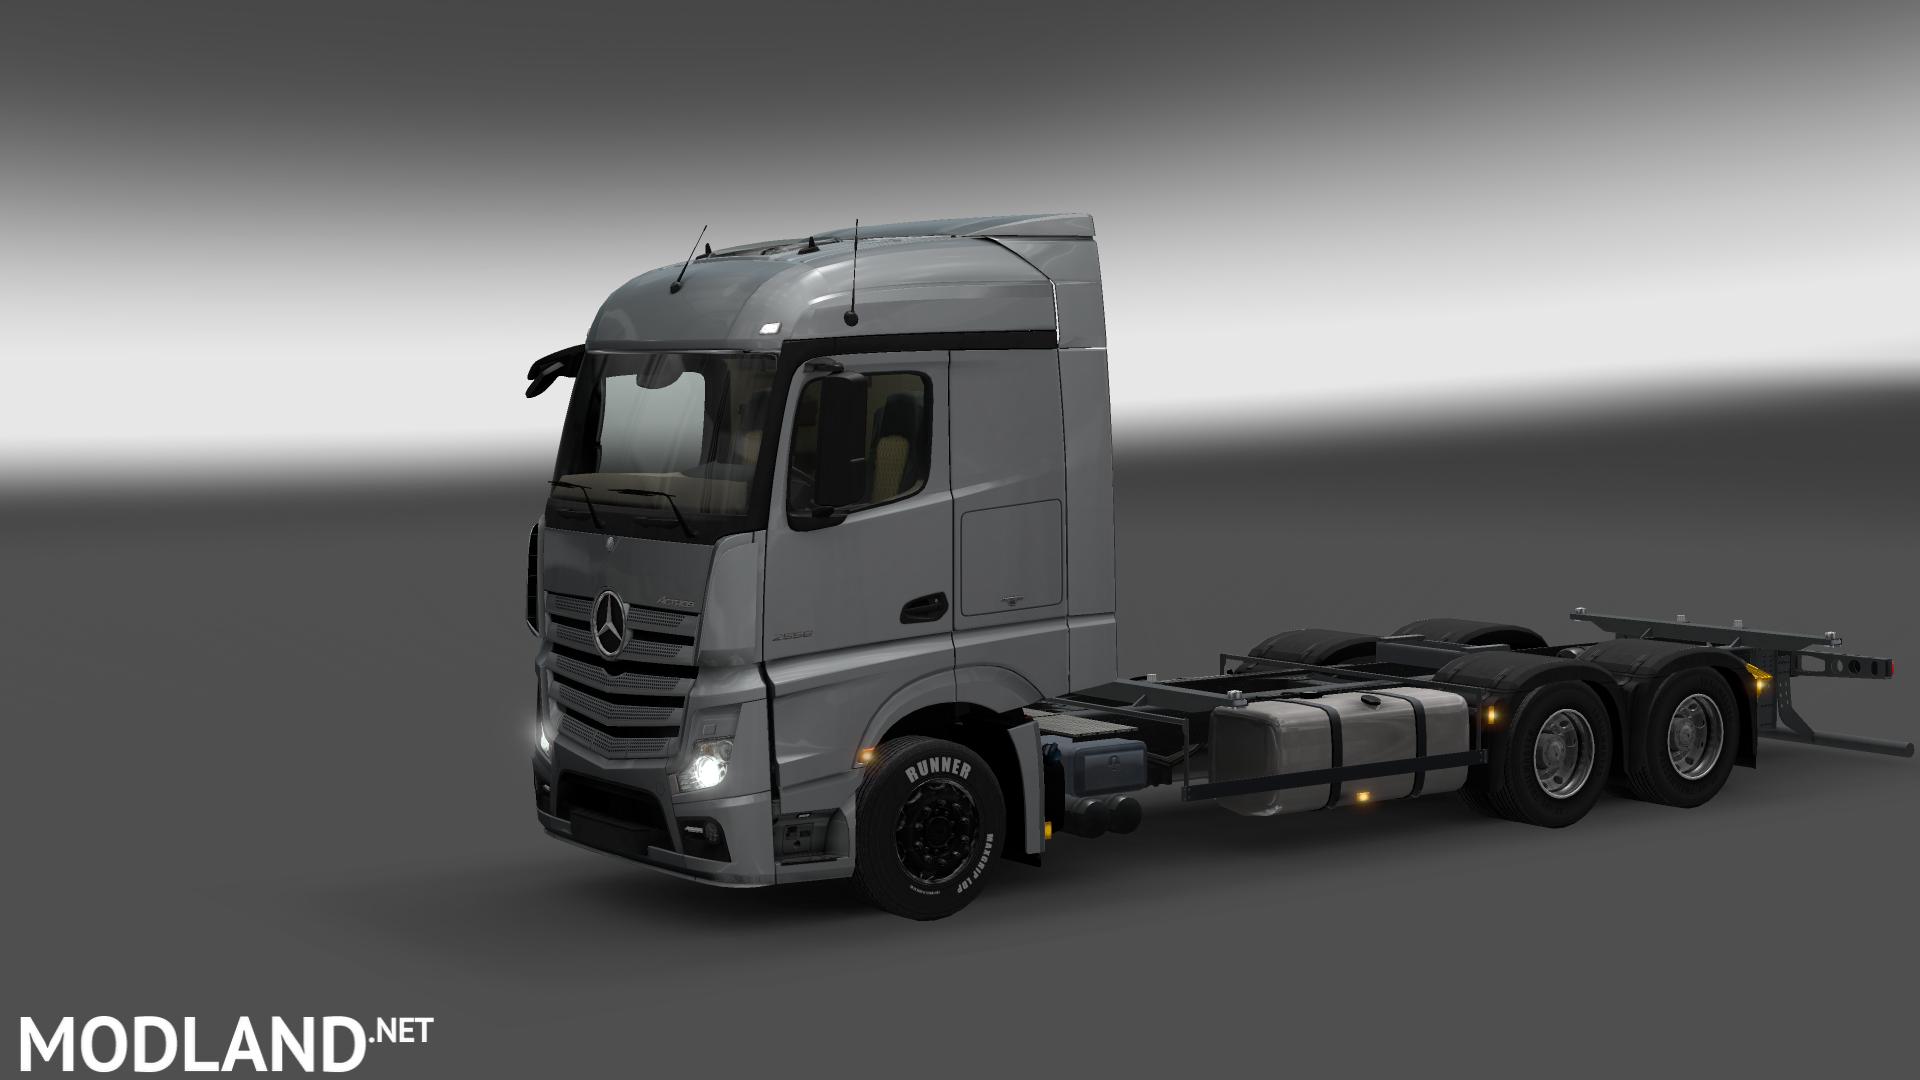 Mercedes Benz Actros Mp4 Rgd V 1 1 Trailer Mod For Ets 2